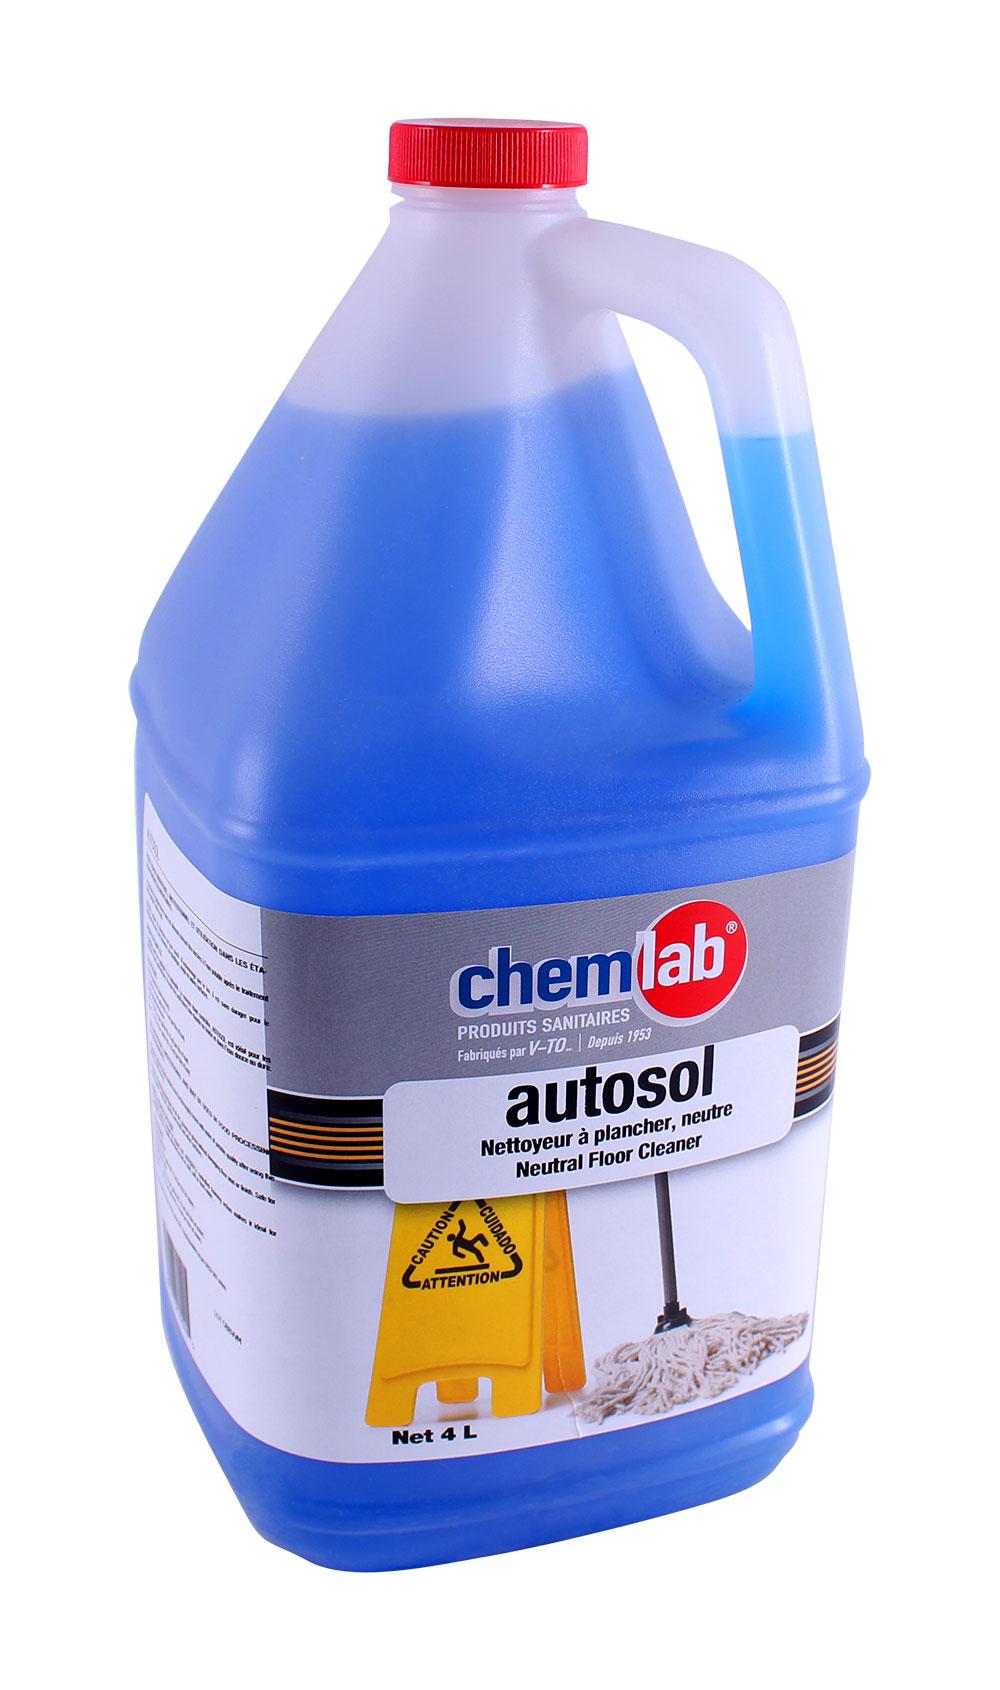 Autosol – Détergent neutre à plancher – Biodégradable